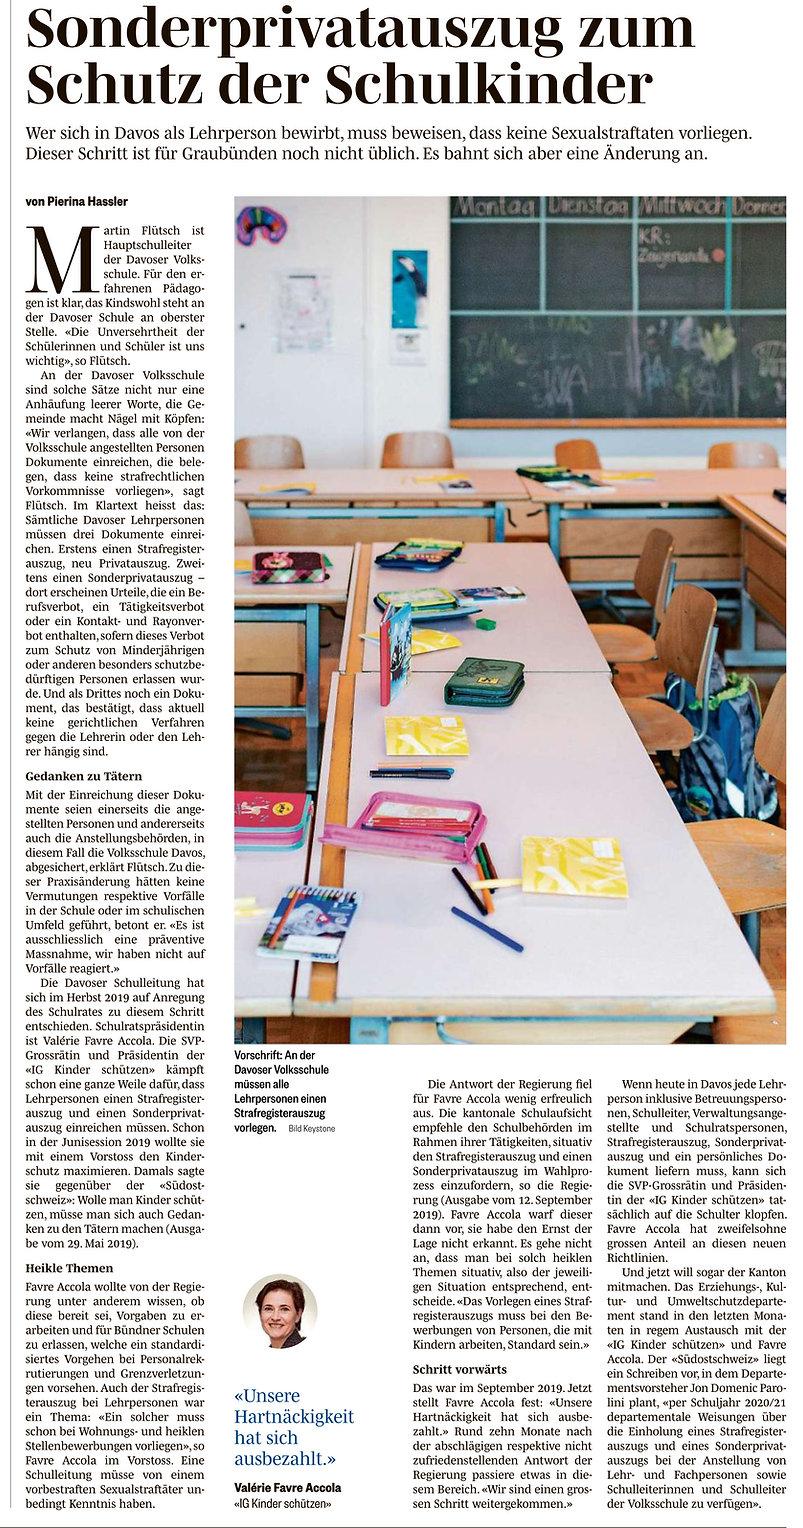 2020-07-21_Bündner_Zeitung_Seite_3_sond